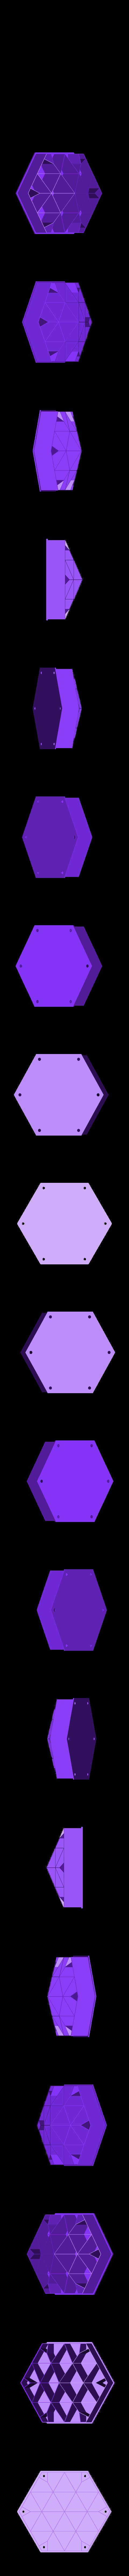 FloatP3_-_Honeychamberrose.stl Télécharger fichier STL gratuit Nid d'abeille et de canneberge • Modèle pour impression 3D, Rusichar